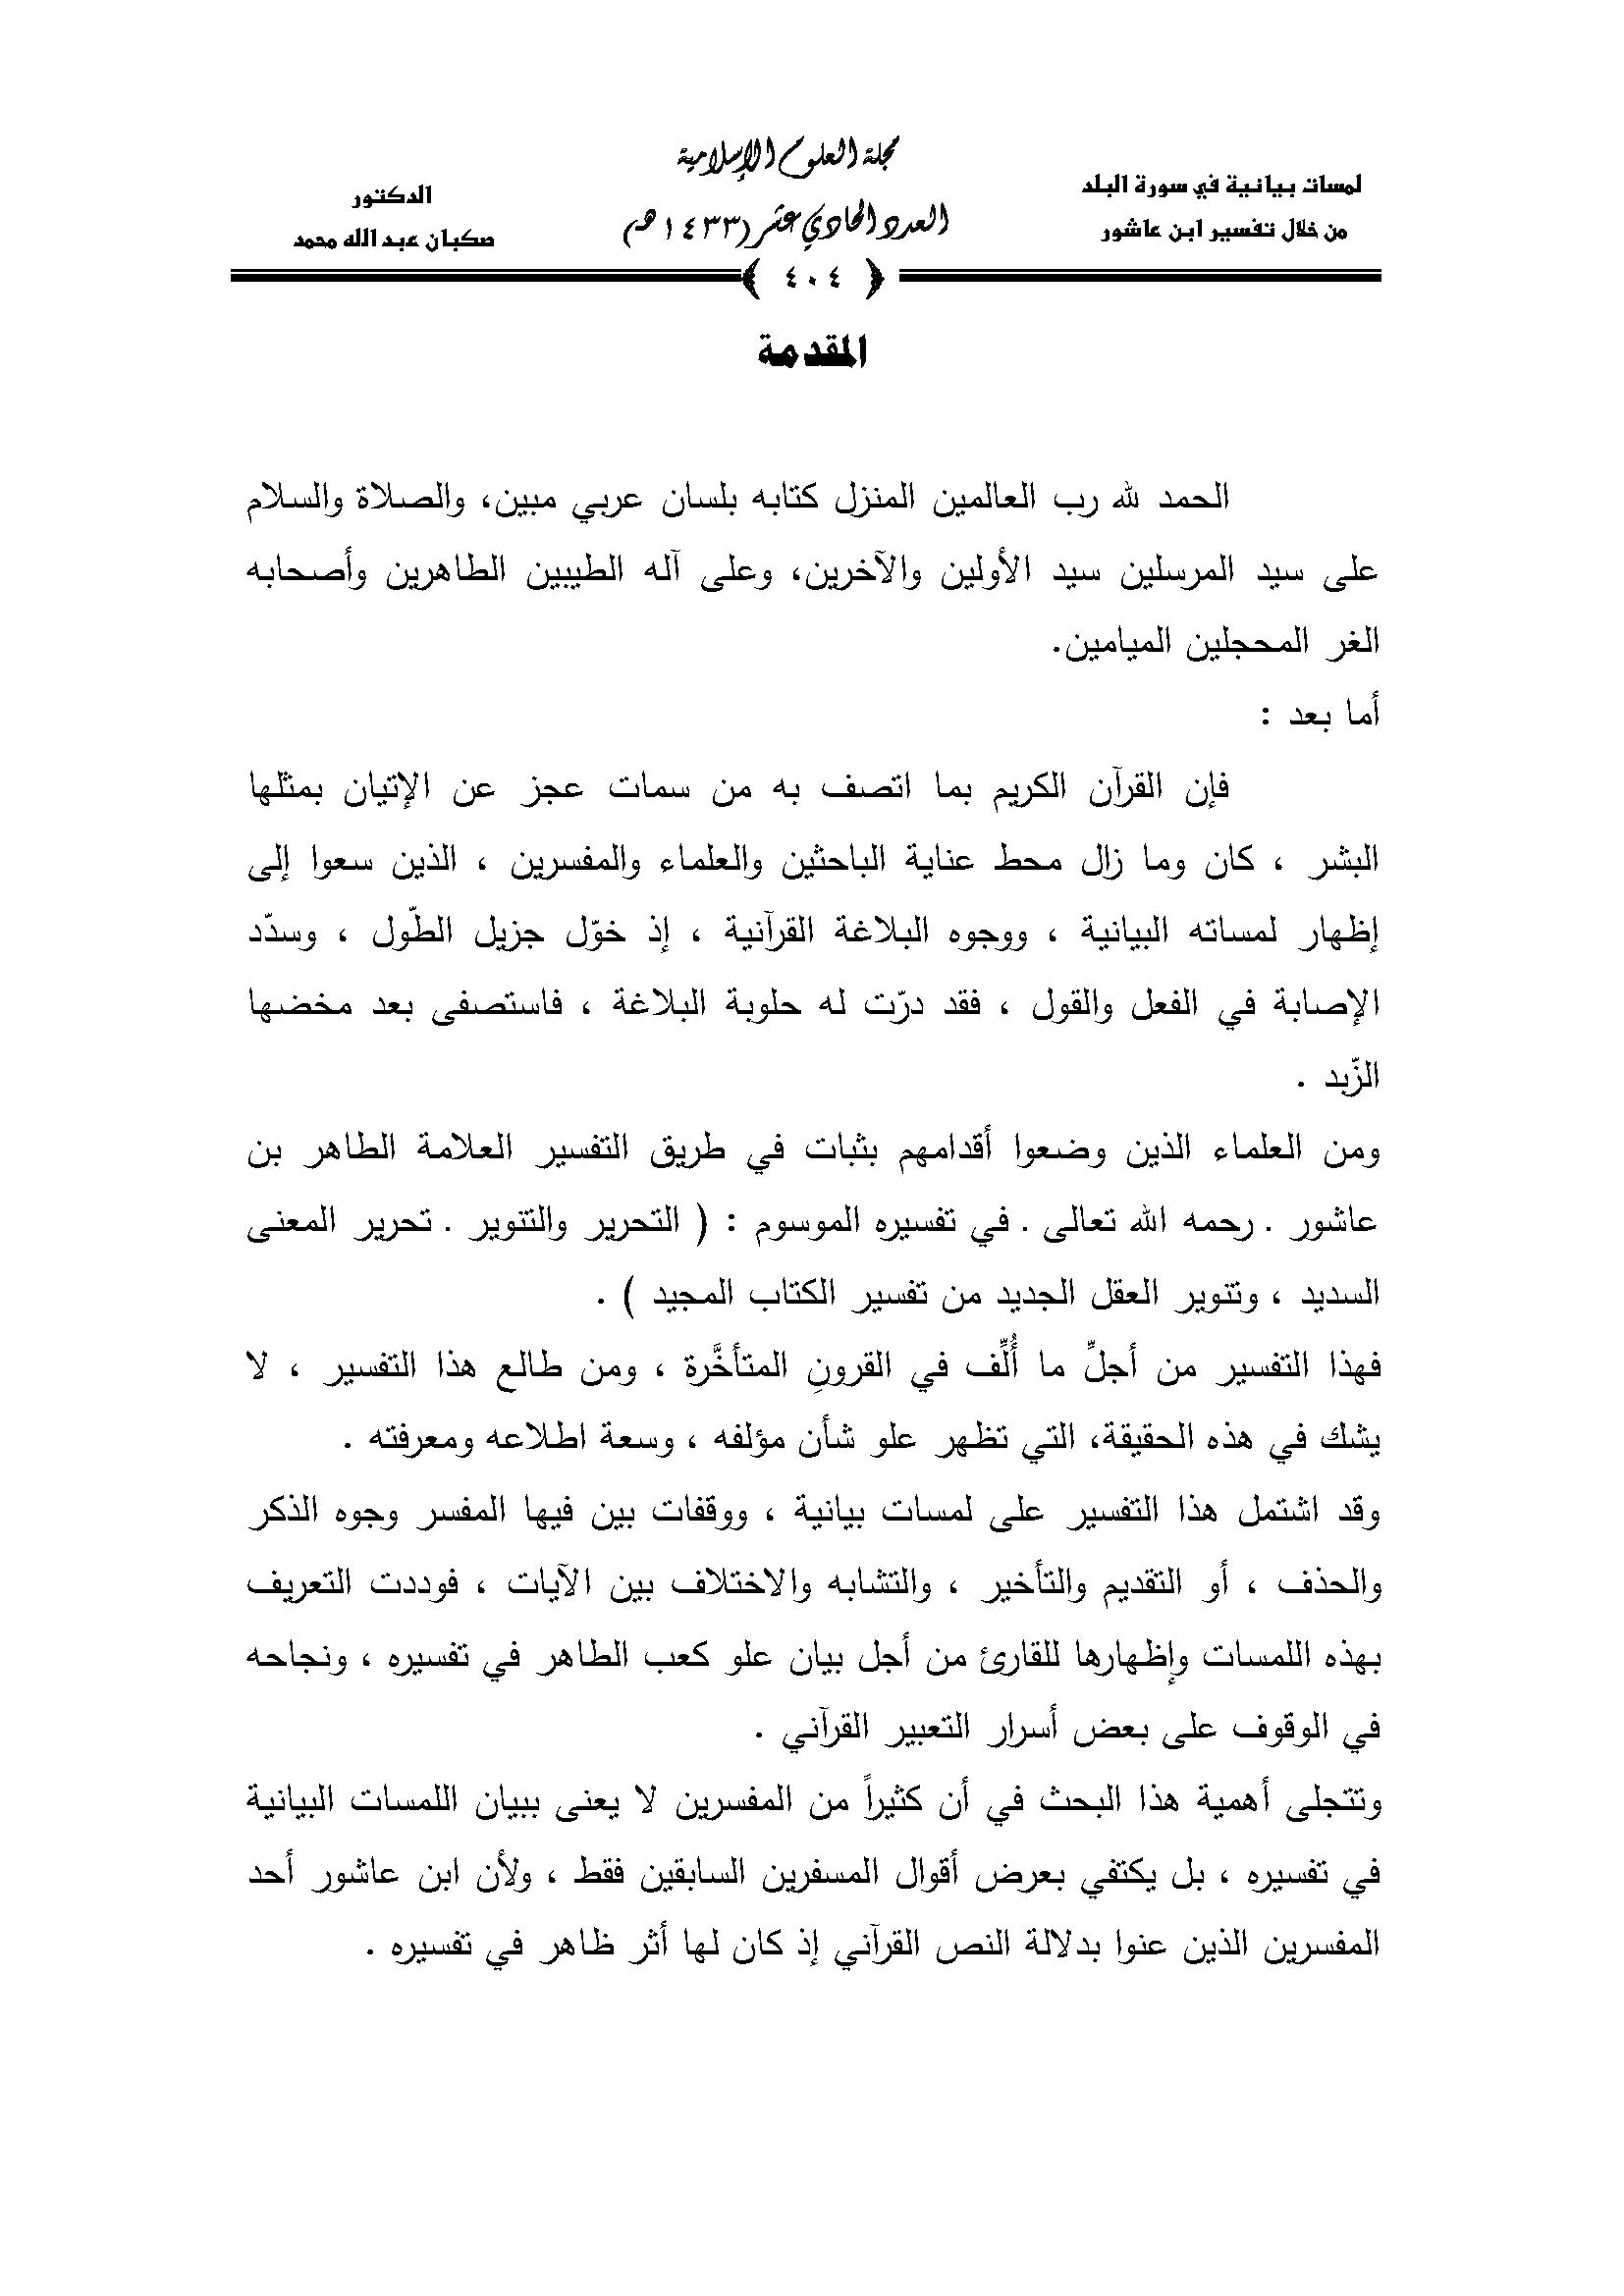 تحميل كتاب لمسات بيانية في سورة البلد من خلال تفسير ابن عاشور لـِ: الدكتور صكبان عبد الله محمد حسين المكدمي